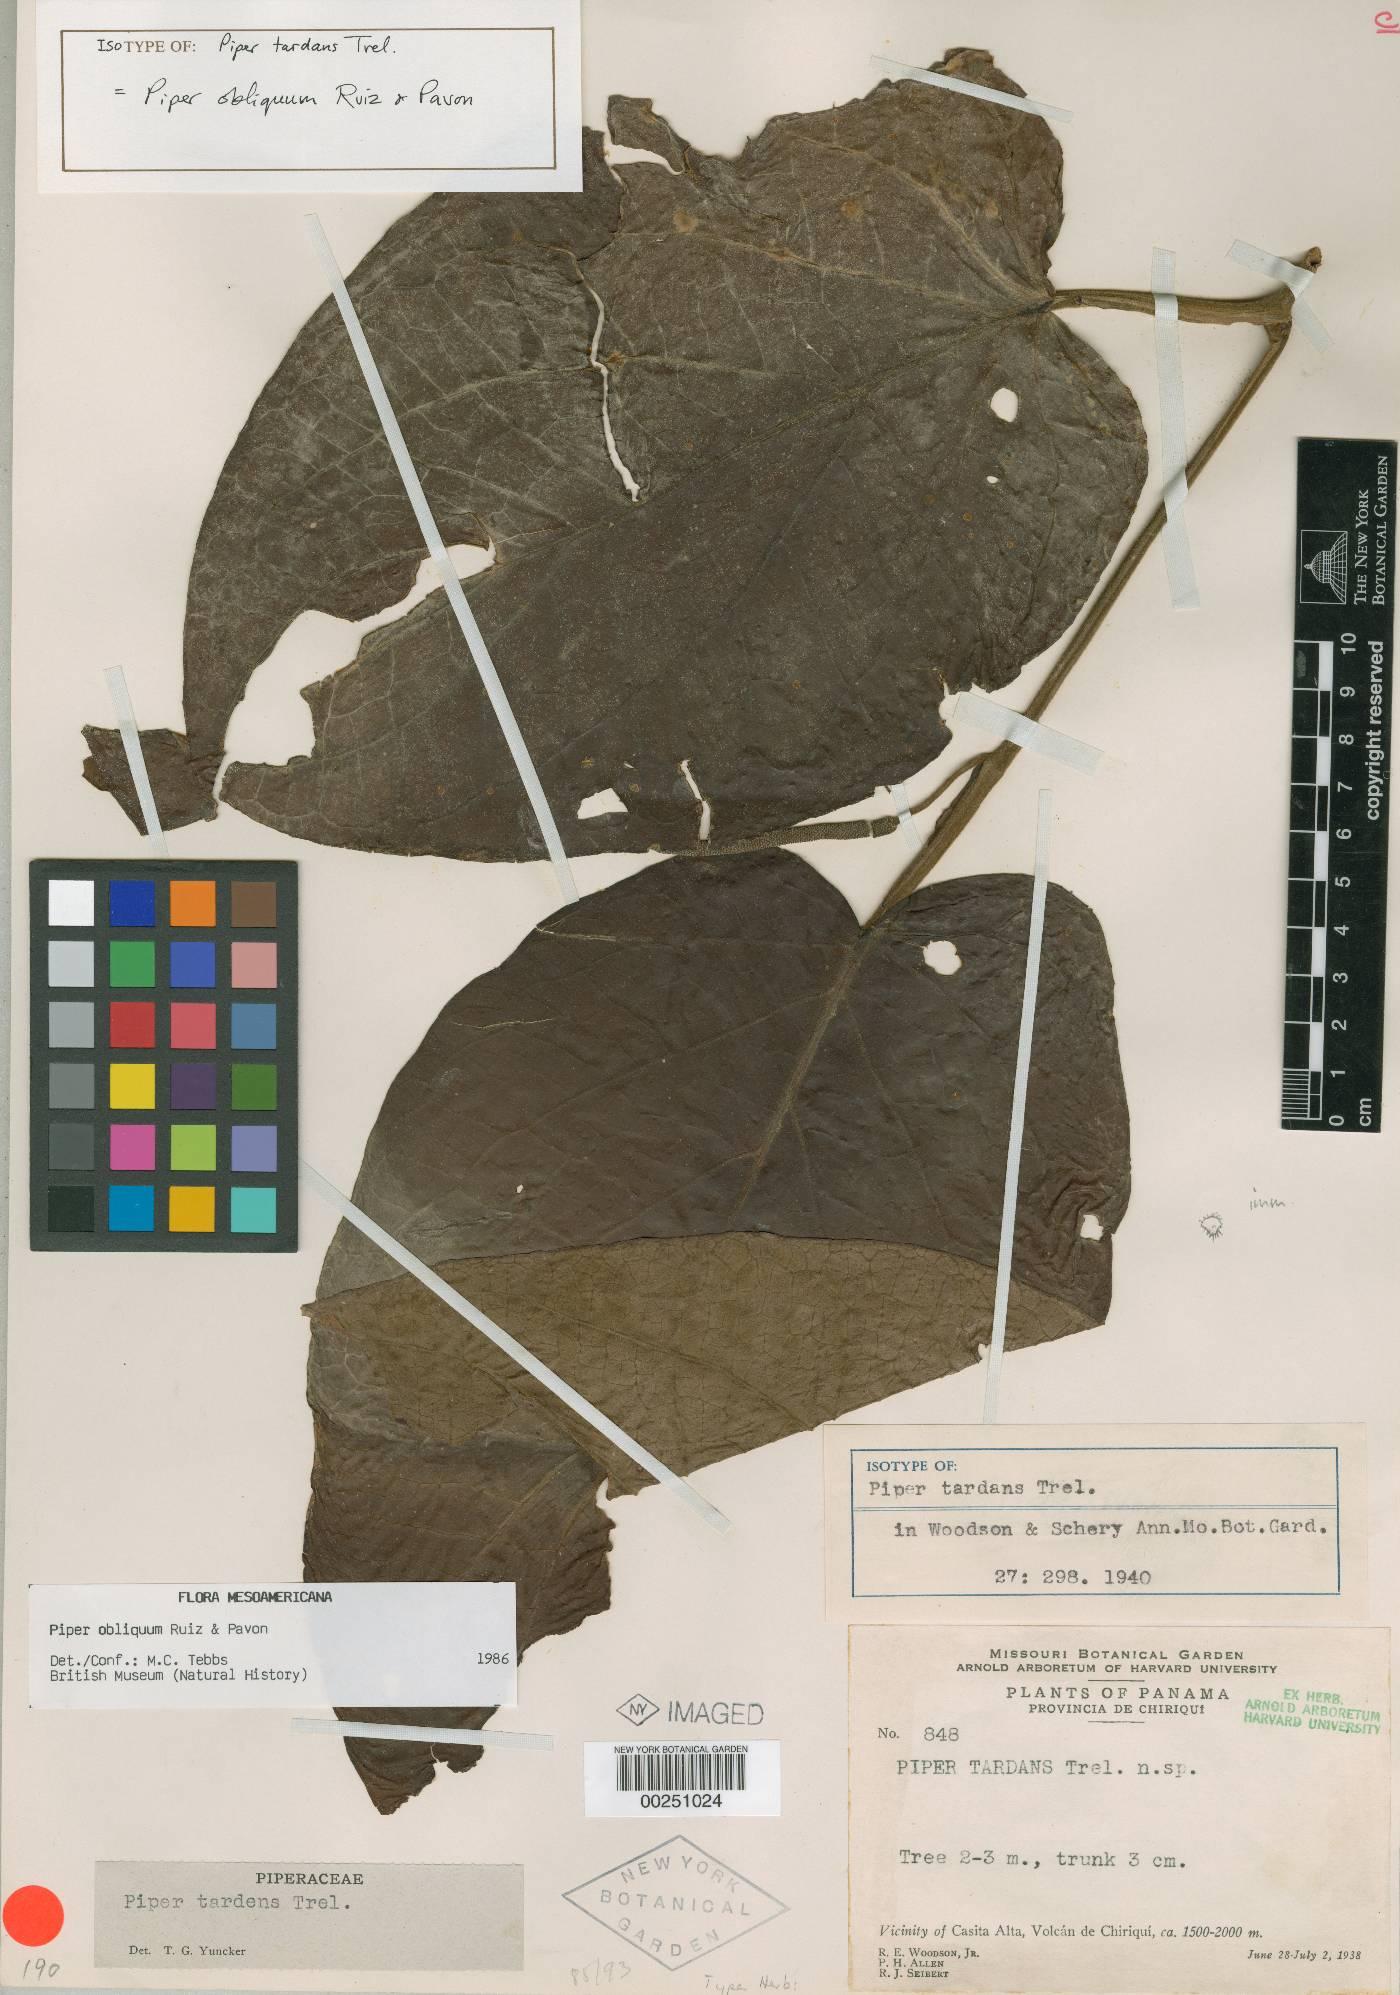 Piper obliquum image